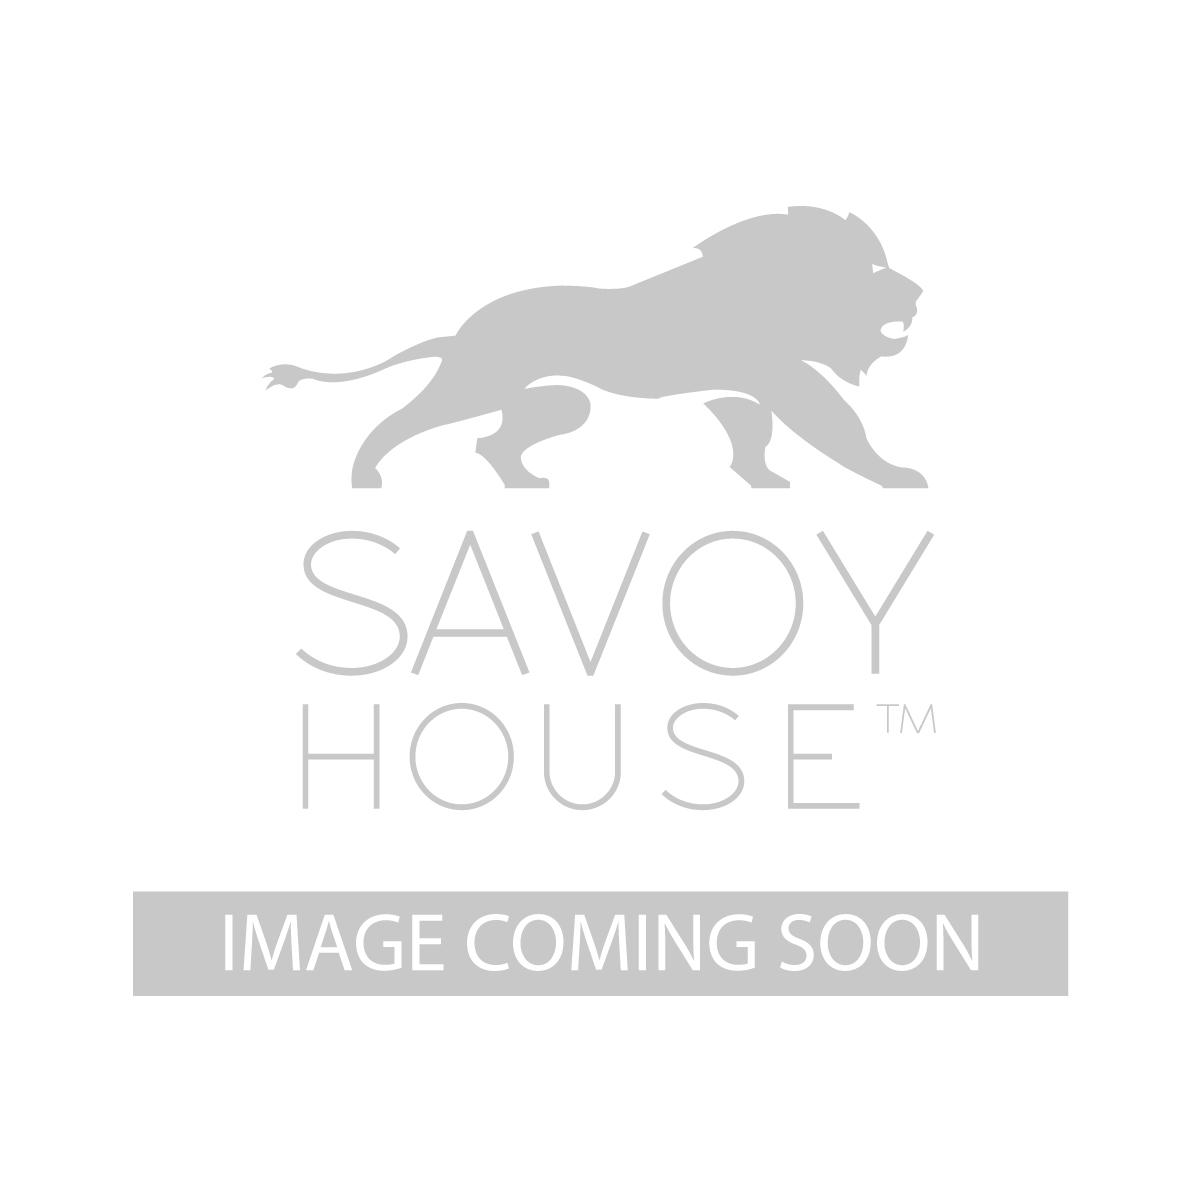 savoy house.com